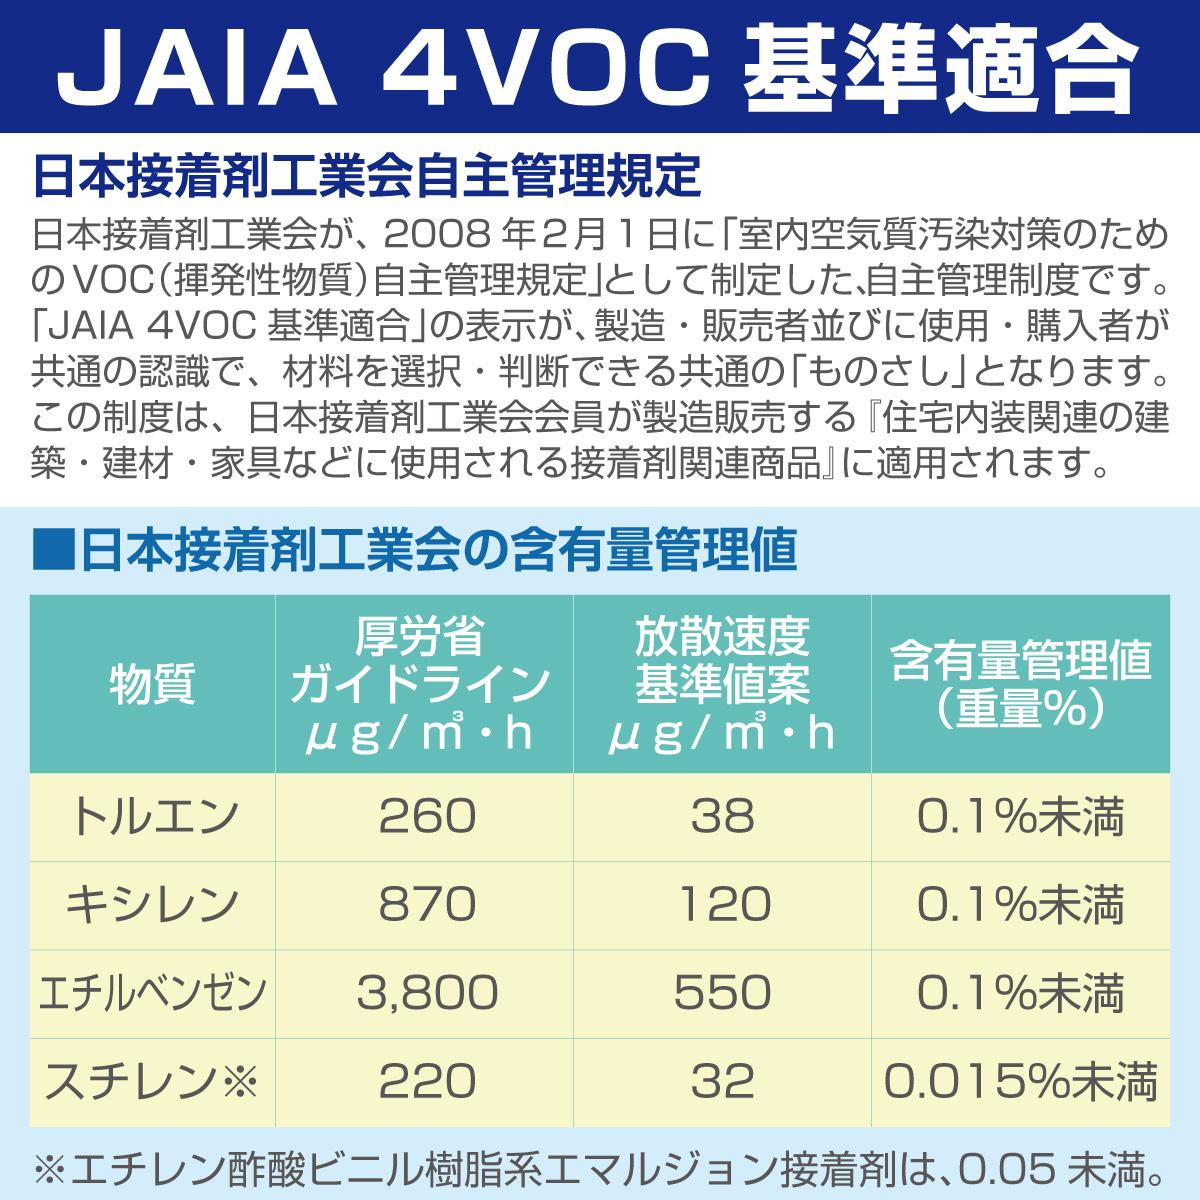 JAIA 4VOC 基準適合